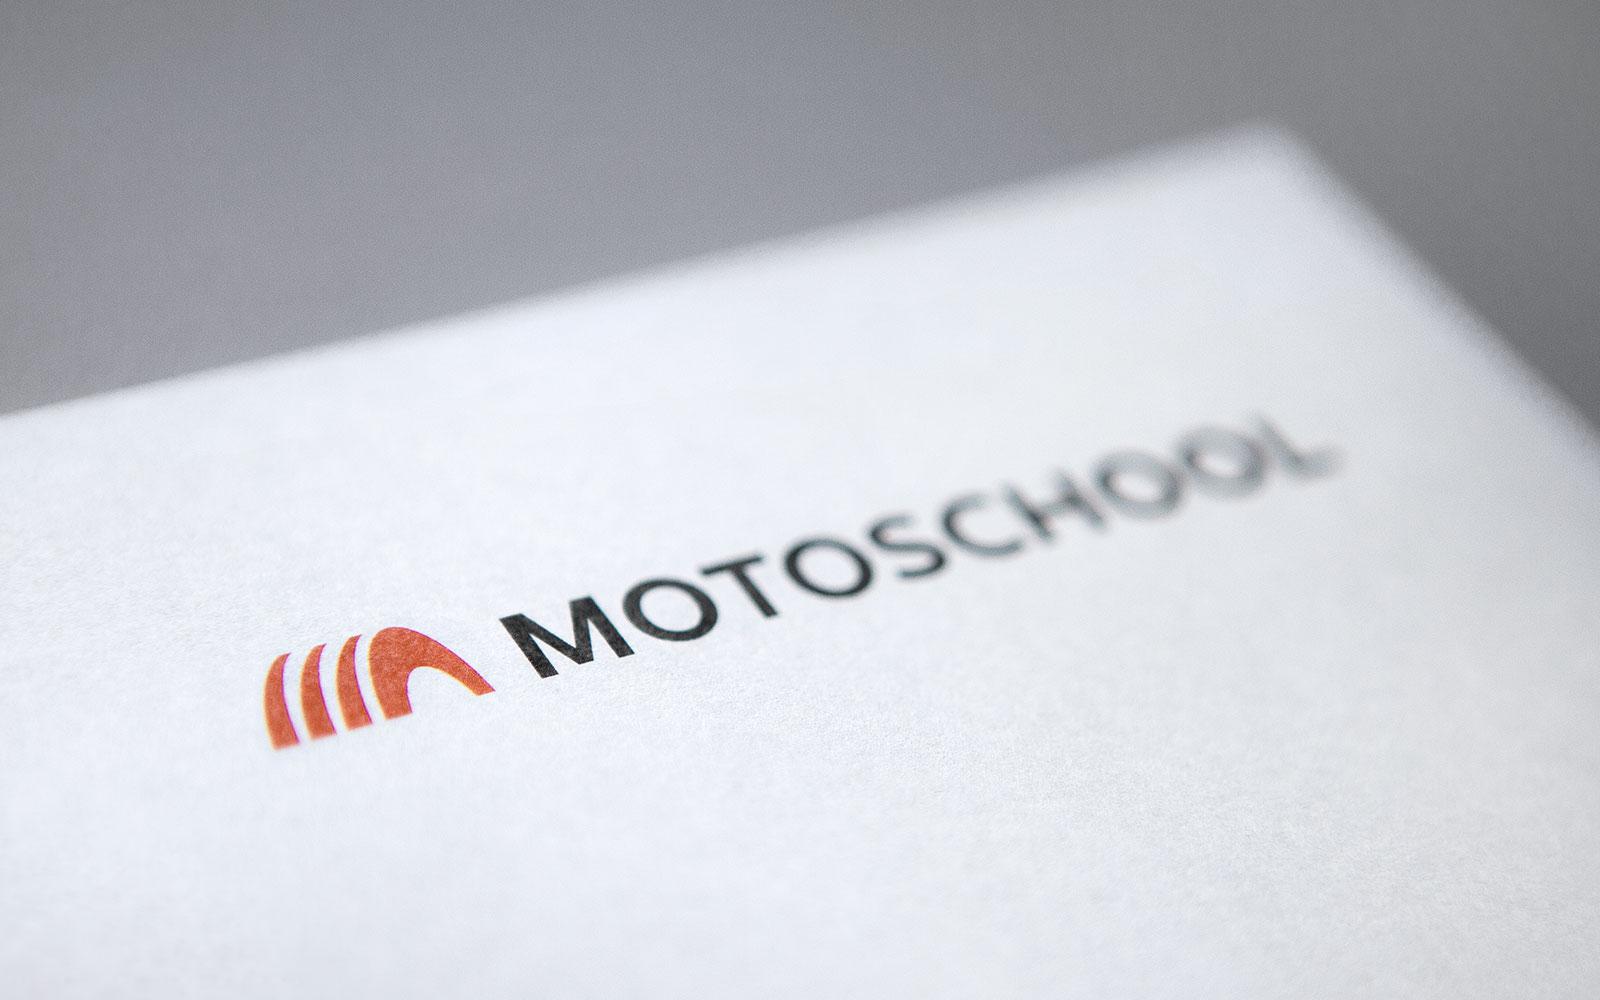 motoschool_1600p_logo